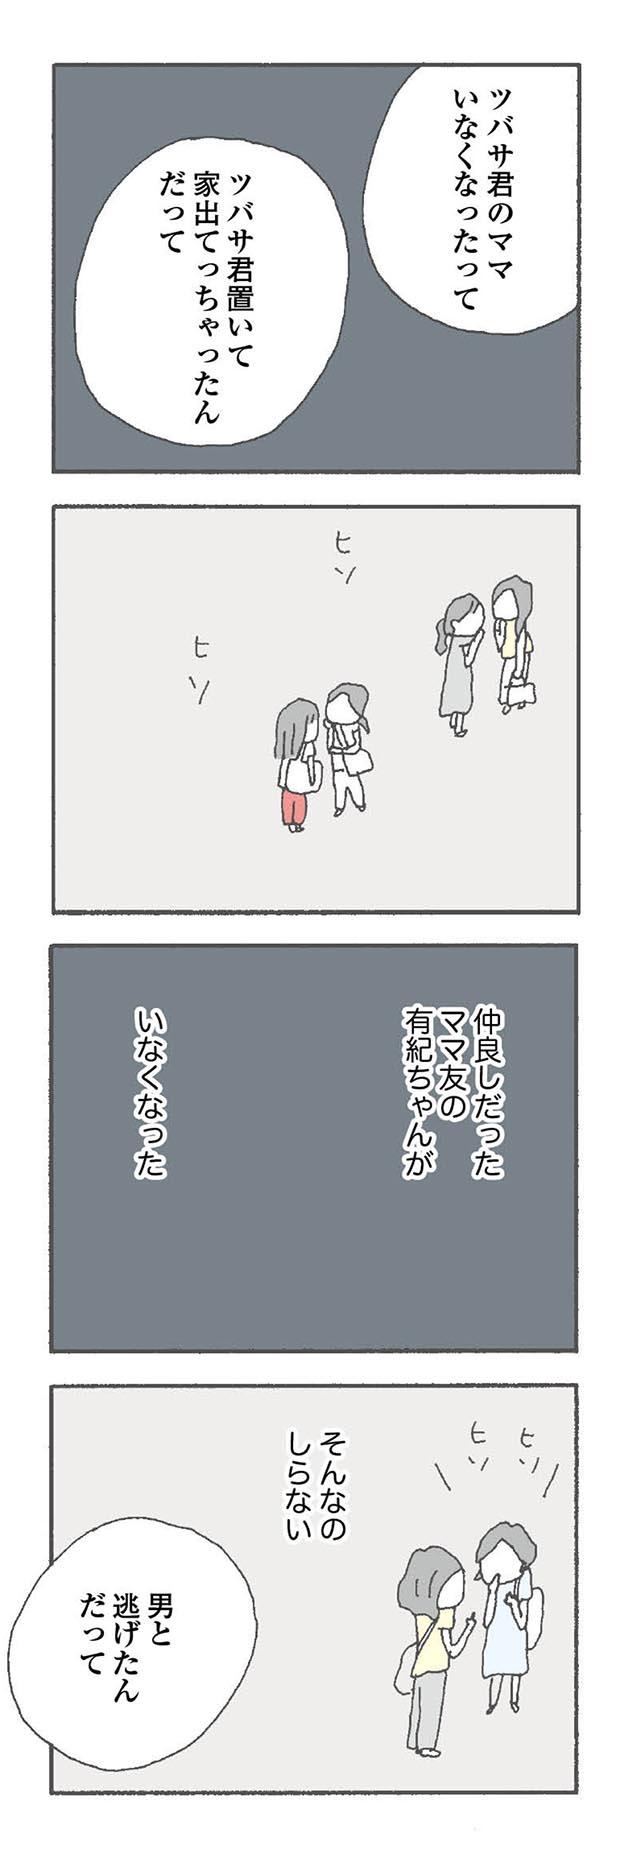 mamatomo02_01_1.jpg